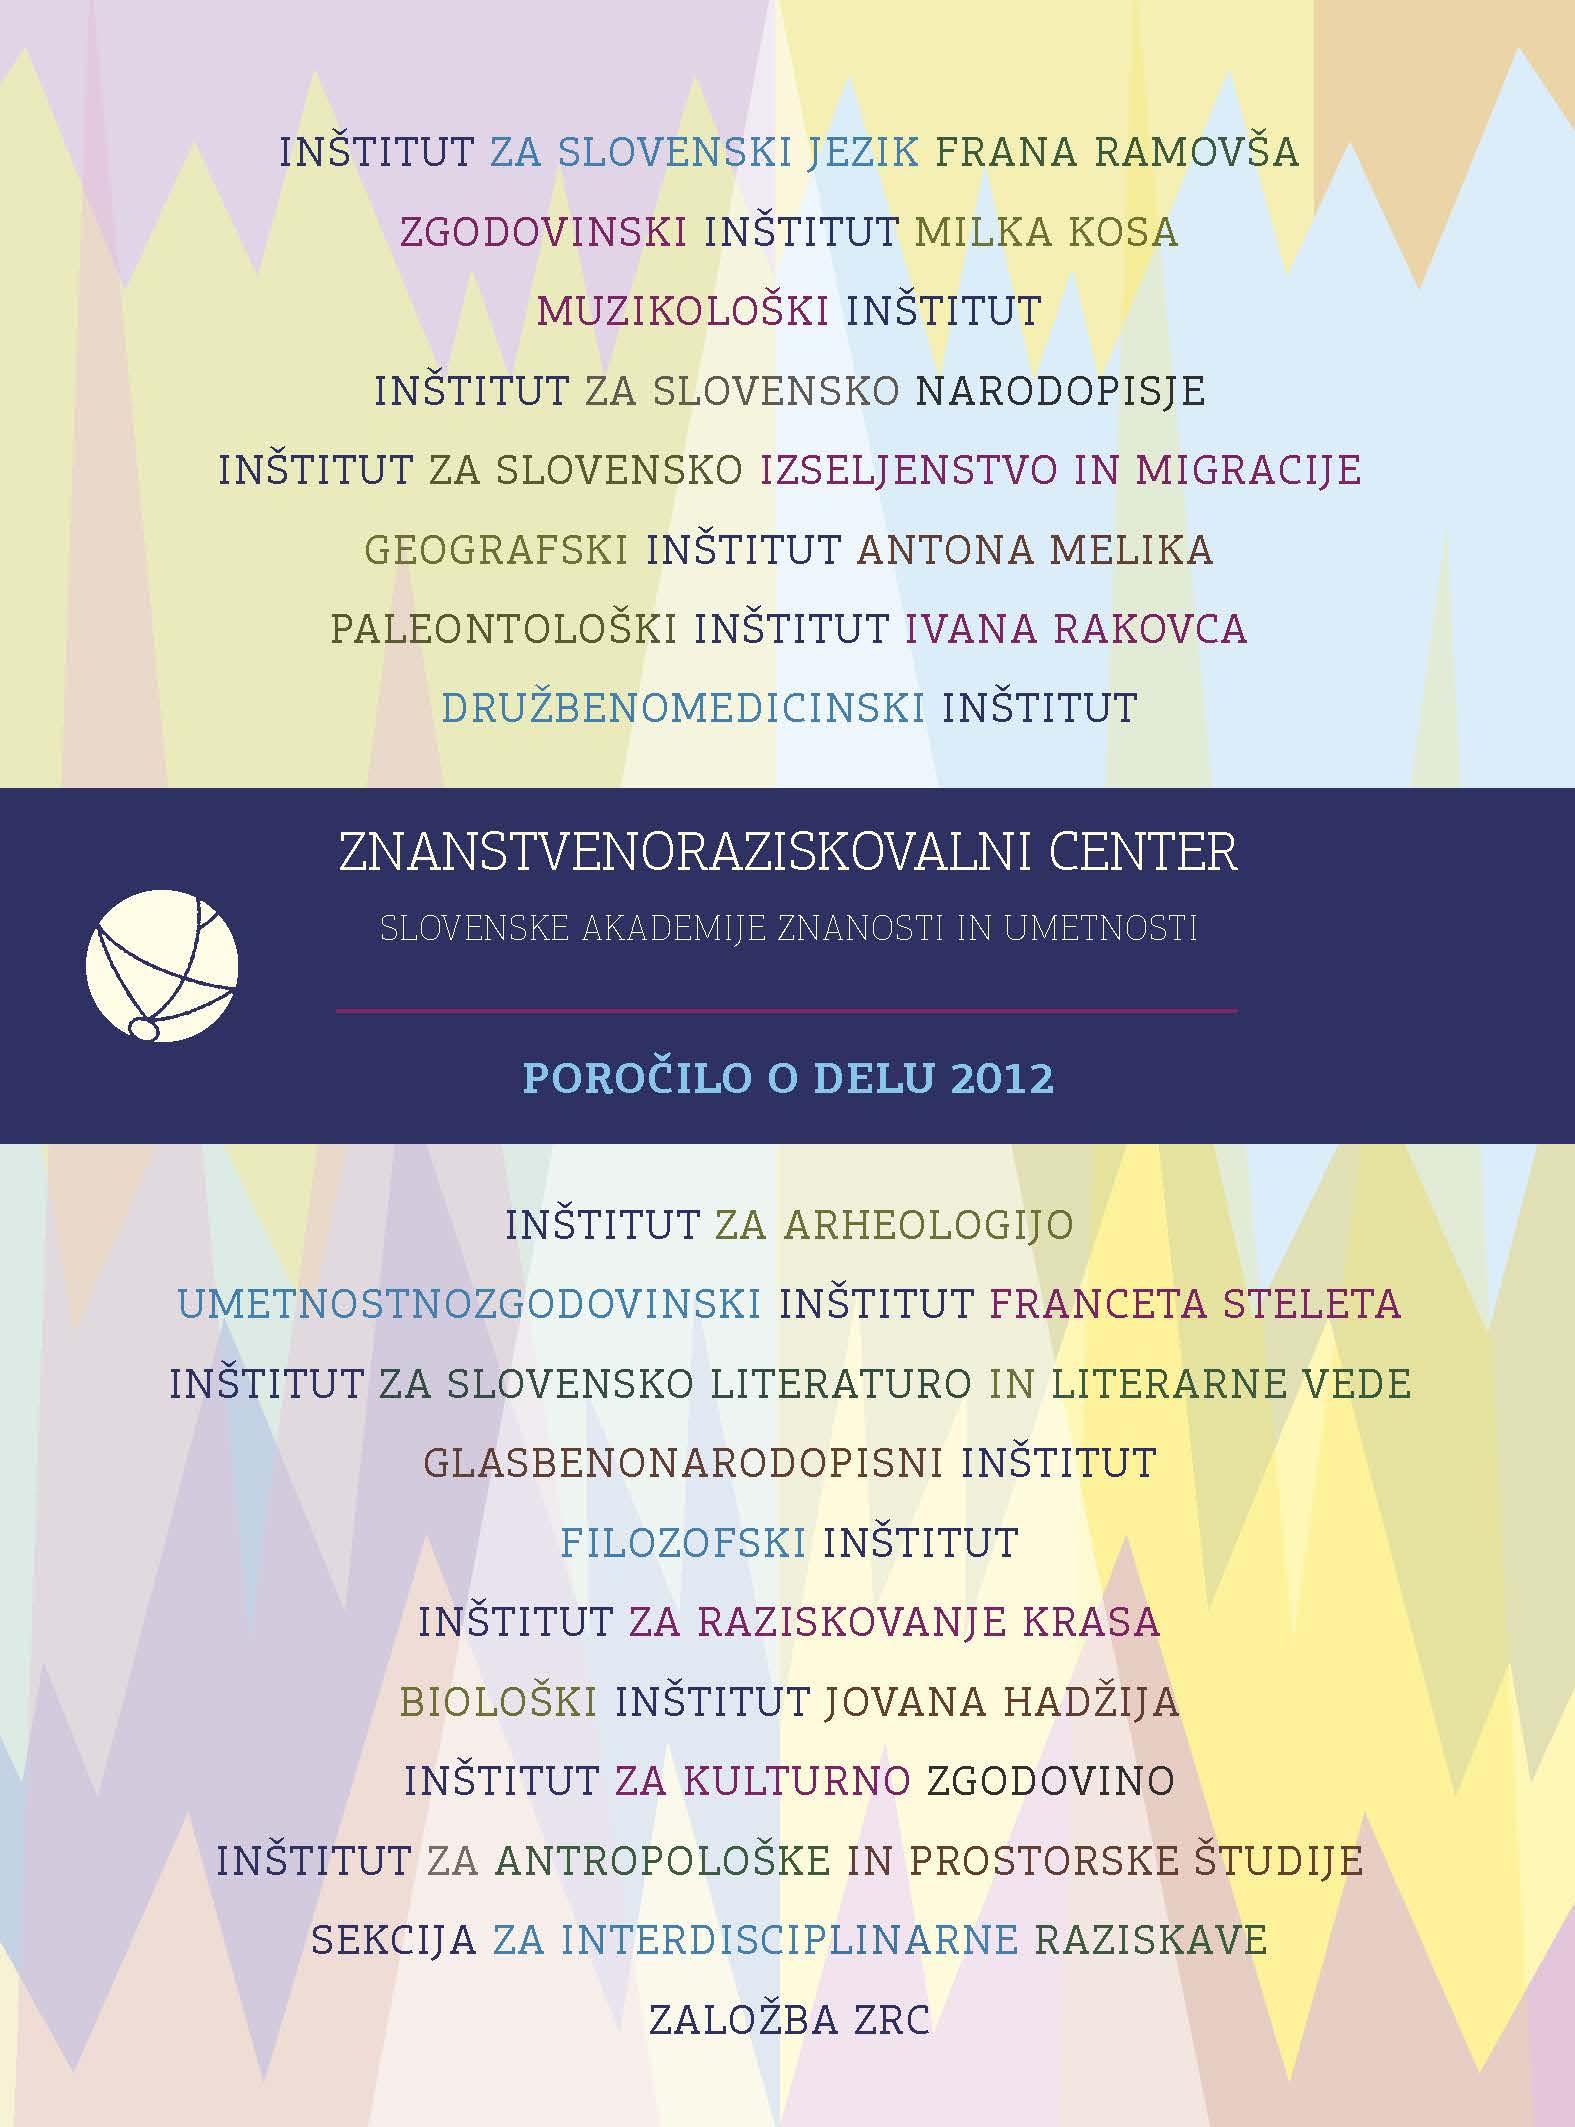 Poročilo za 2012